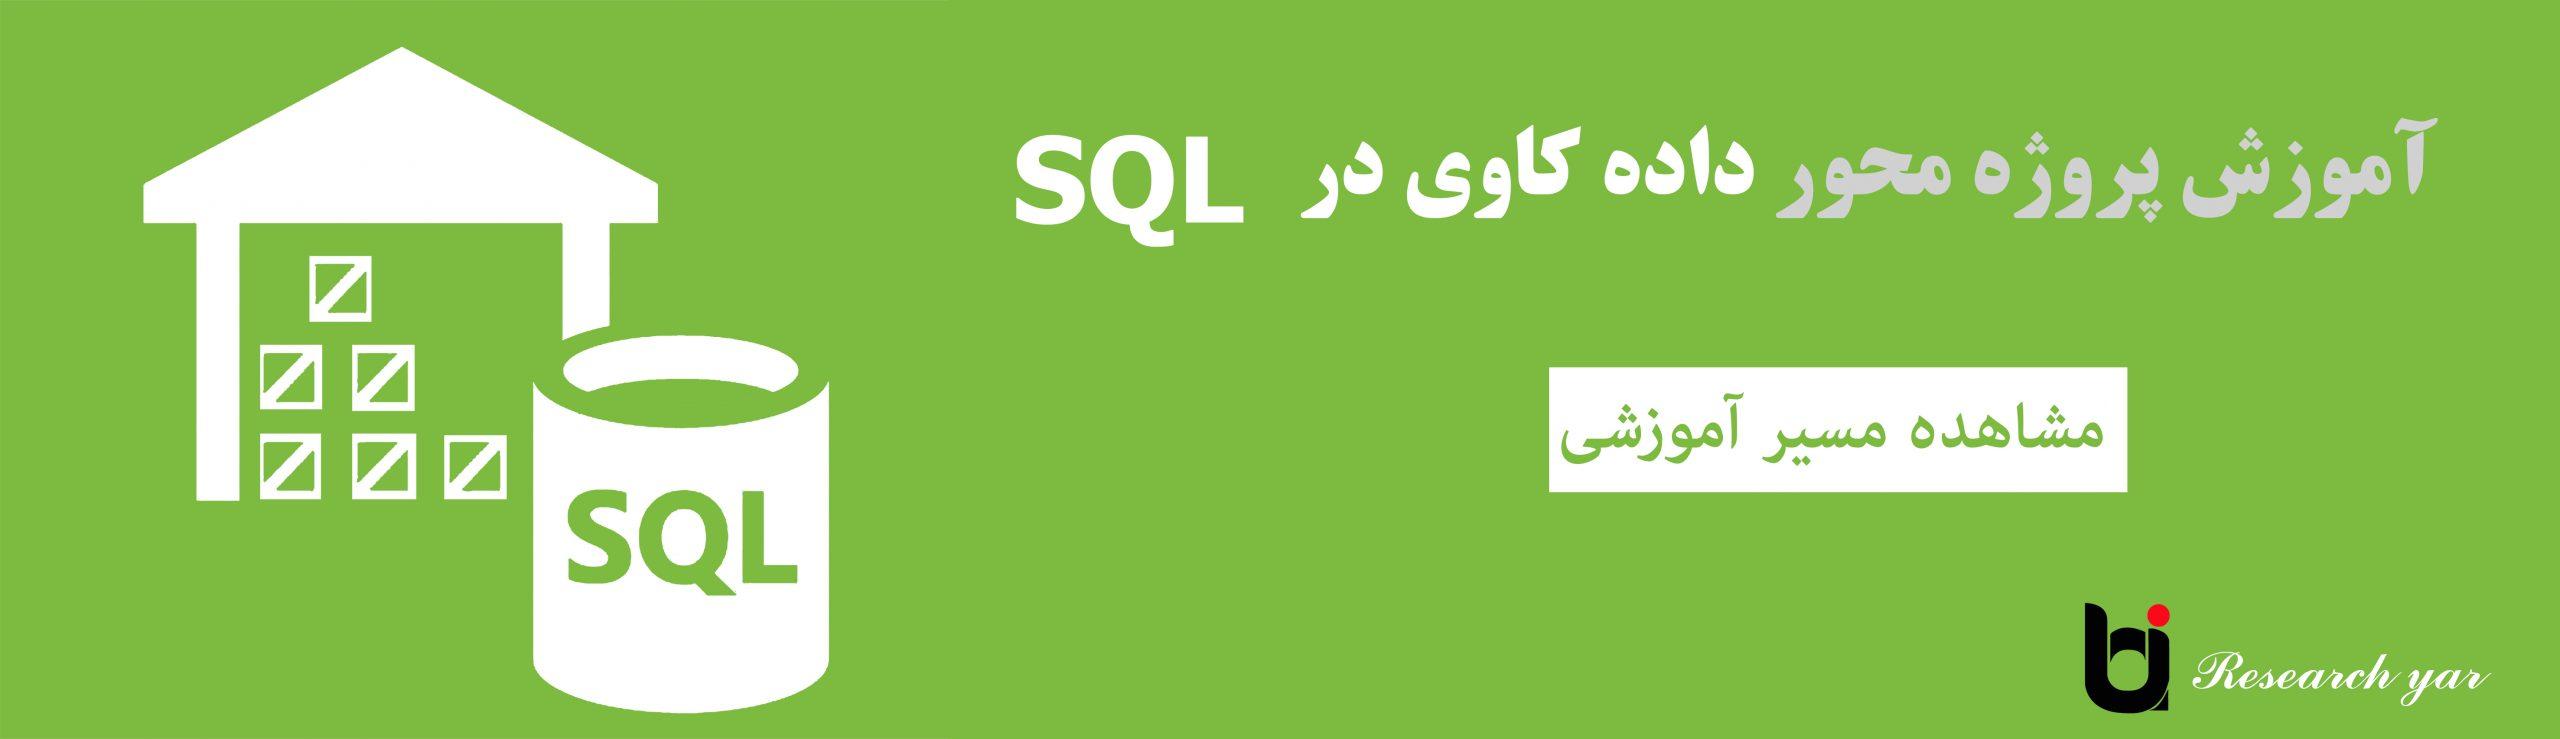 مسیر راه متخصص داده کاوی در SQL